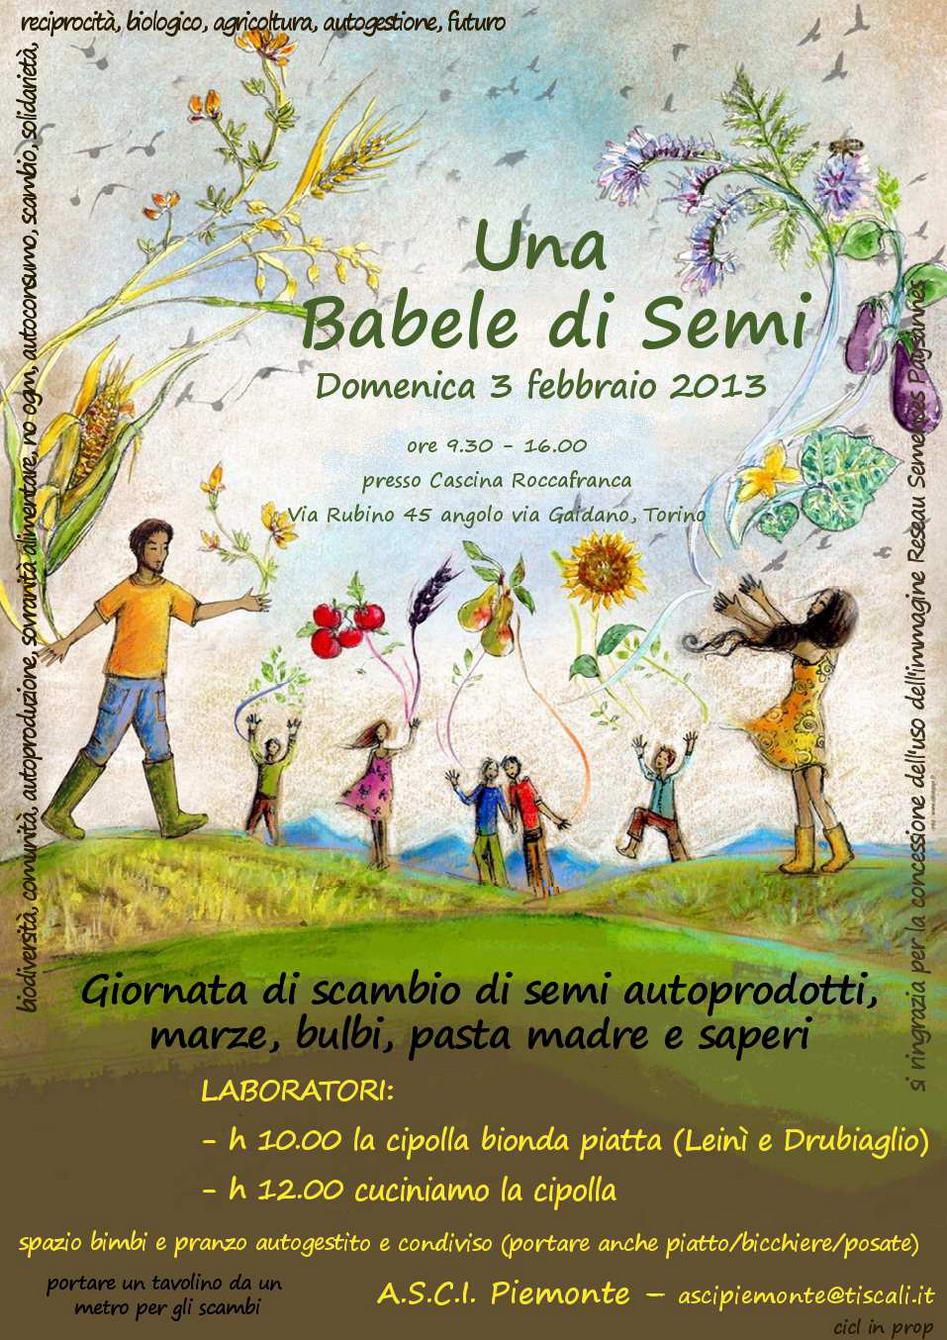 Torino, 3 febbraio - Una Babele di Semi 2013